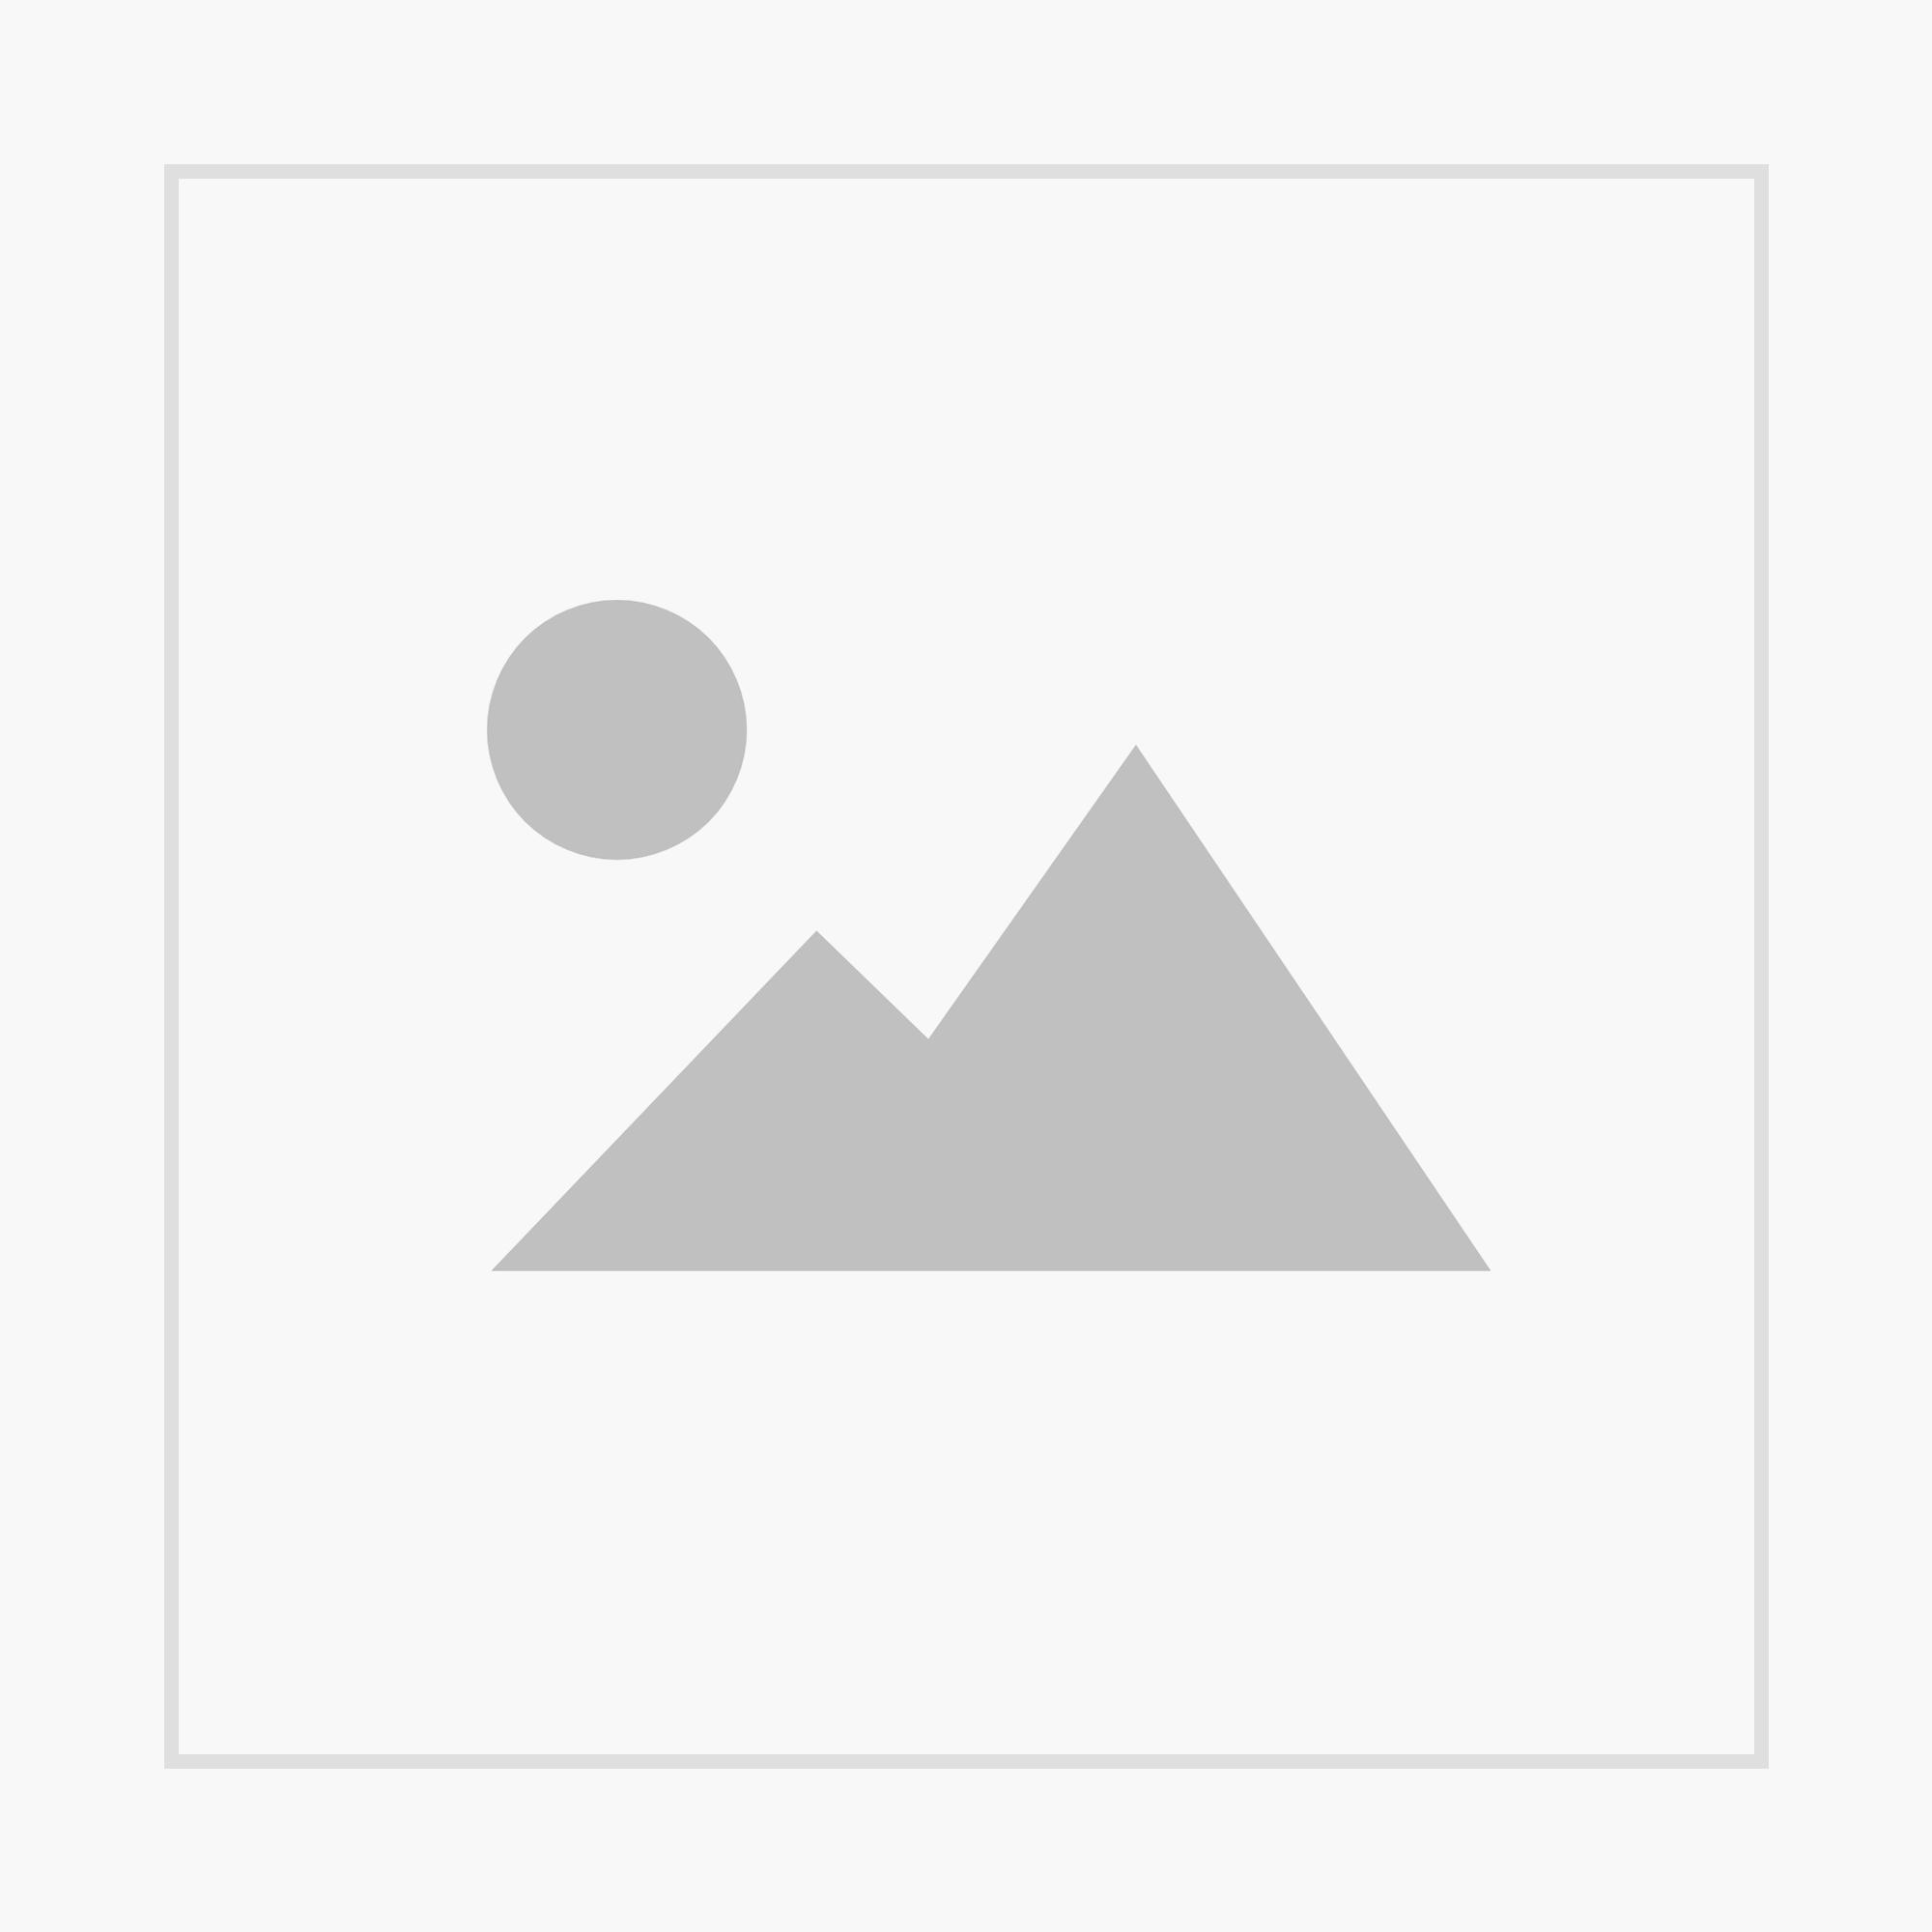 NaBiV Heft 1: Risk Hazard Damage